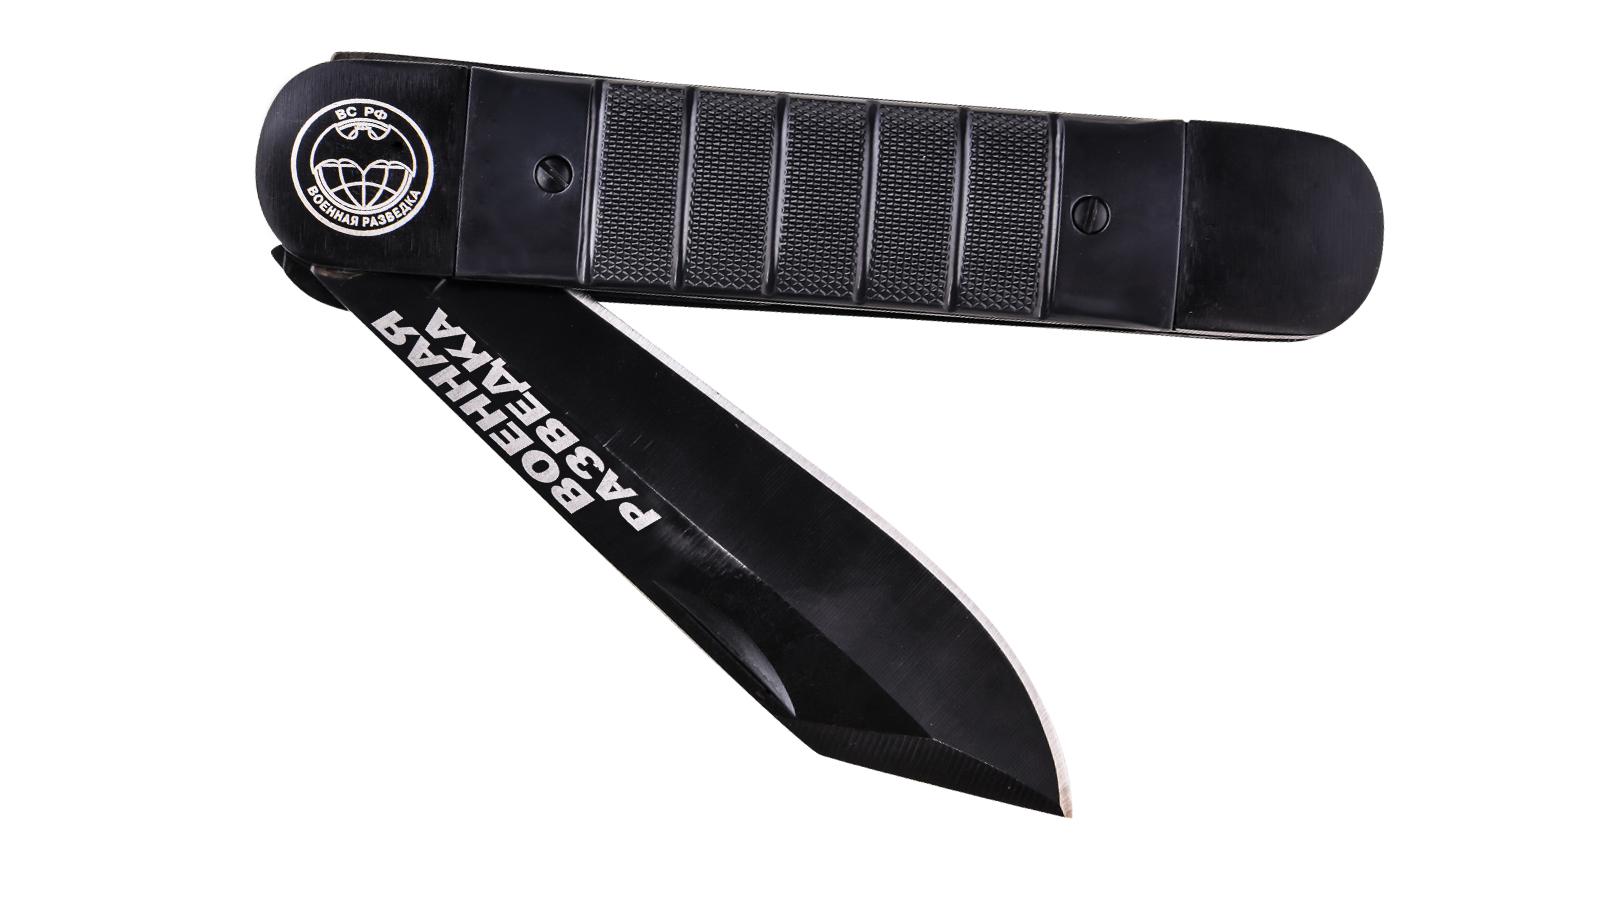 Складной нож с символикой Военной разведки